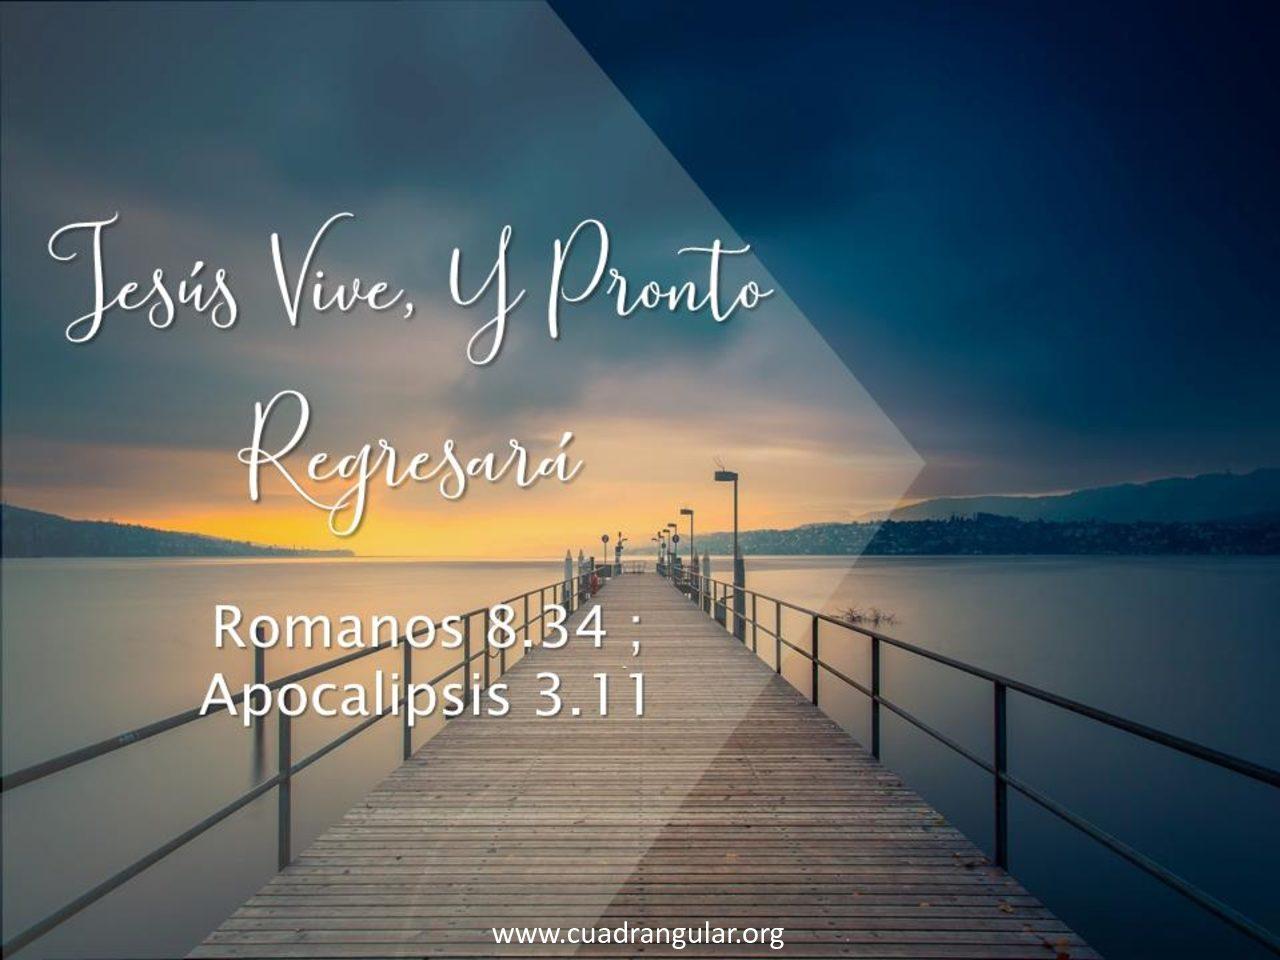 Jesús viene y pronto regresará